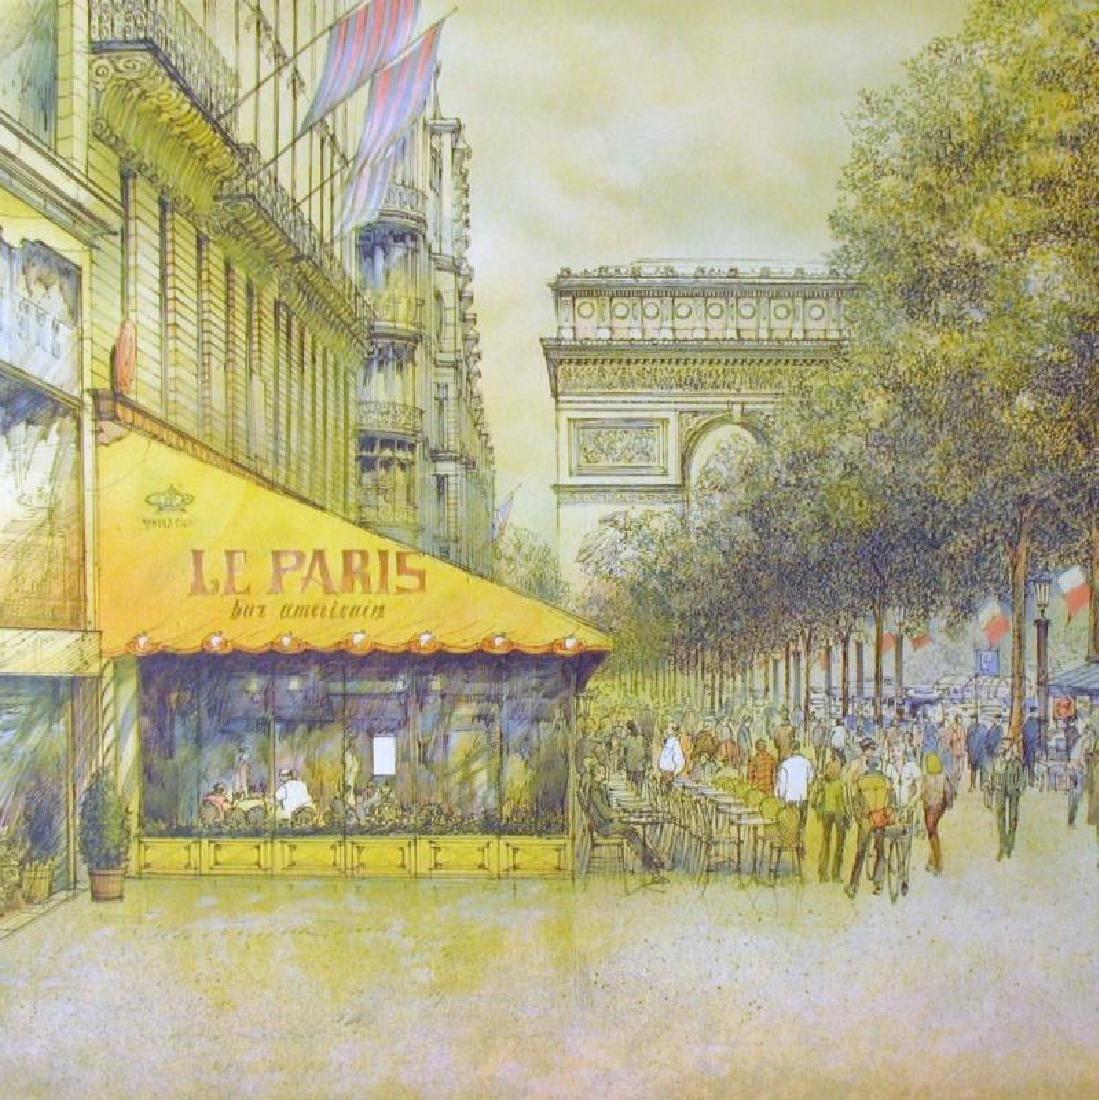 PARIS SCENE ARCHITECTUAL STYLE REALISTIC COLORFUL ART - 2